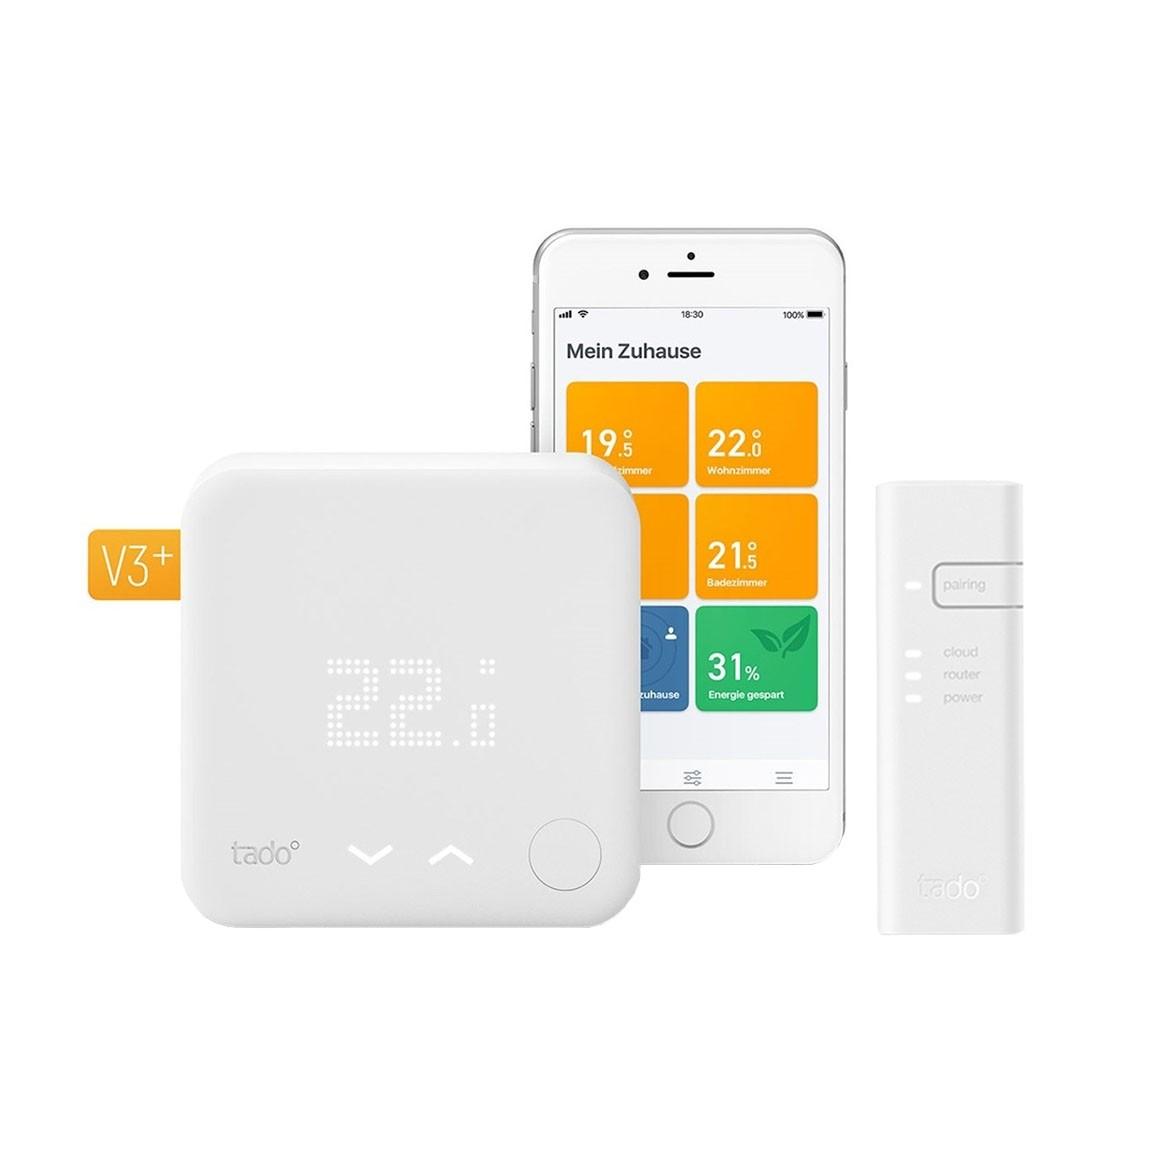 tado° Smart Thermostat - Starter Kit V3+ inkl. ...